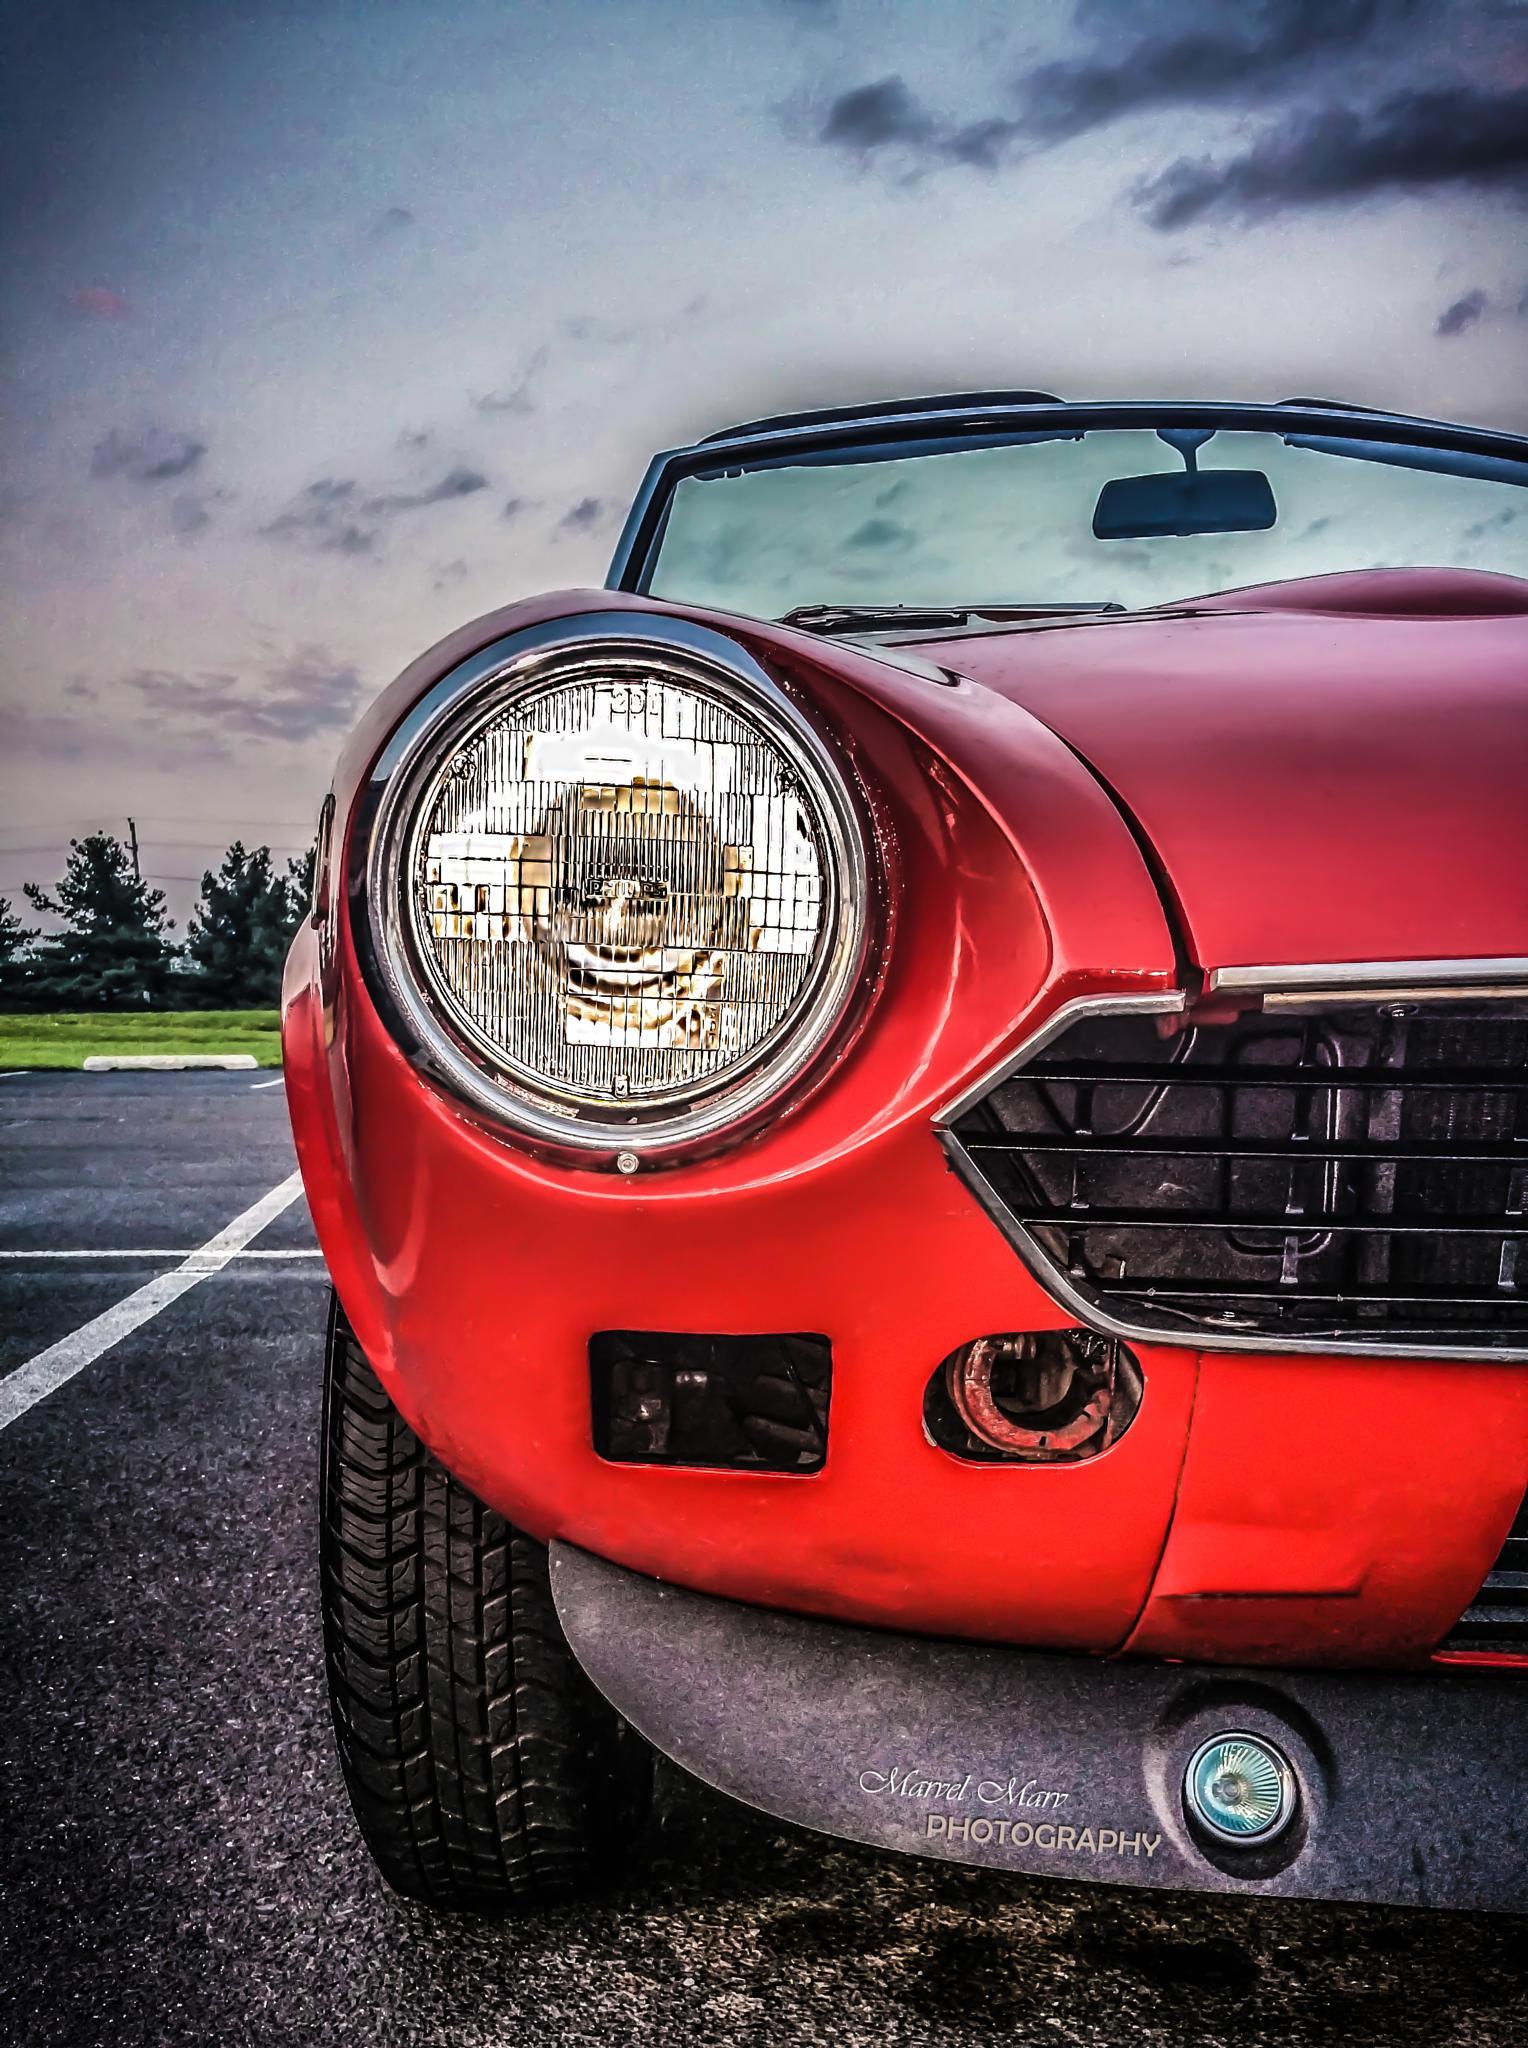 1976 Fiat by MarvelMarvPhotography